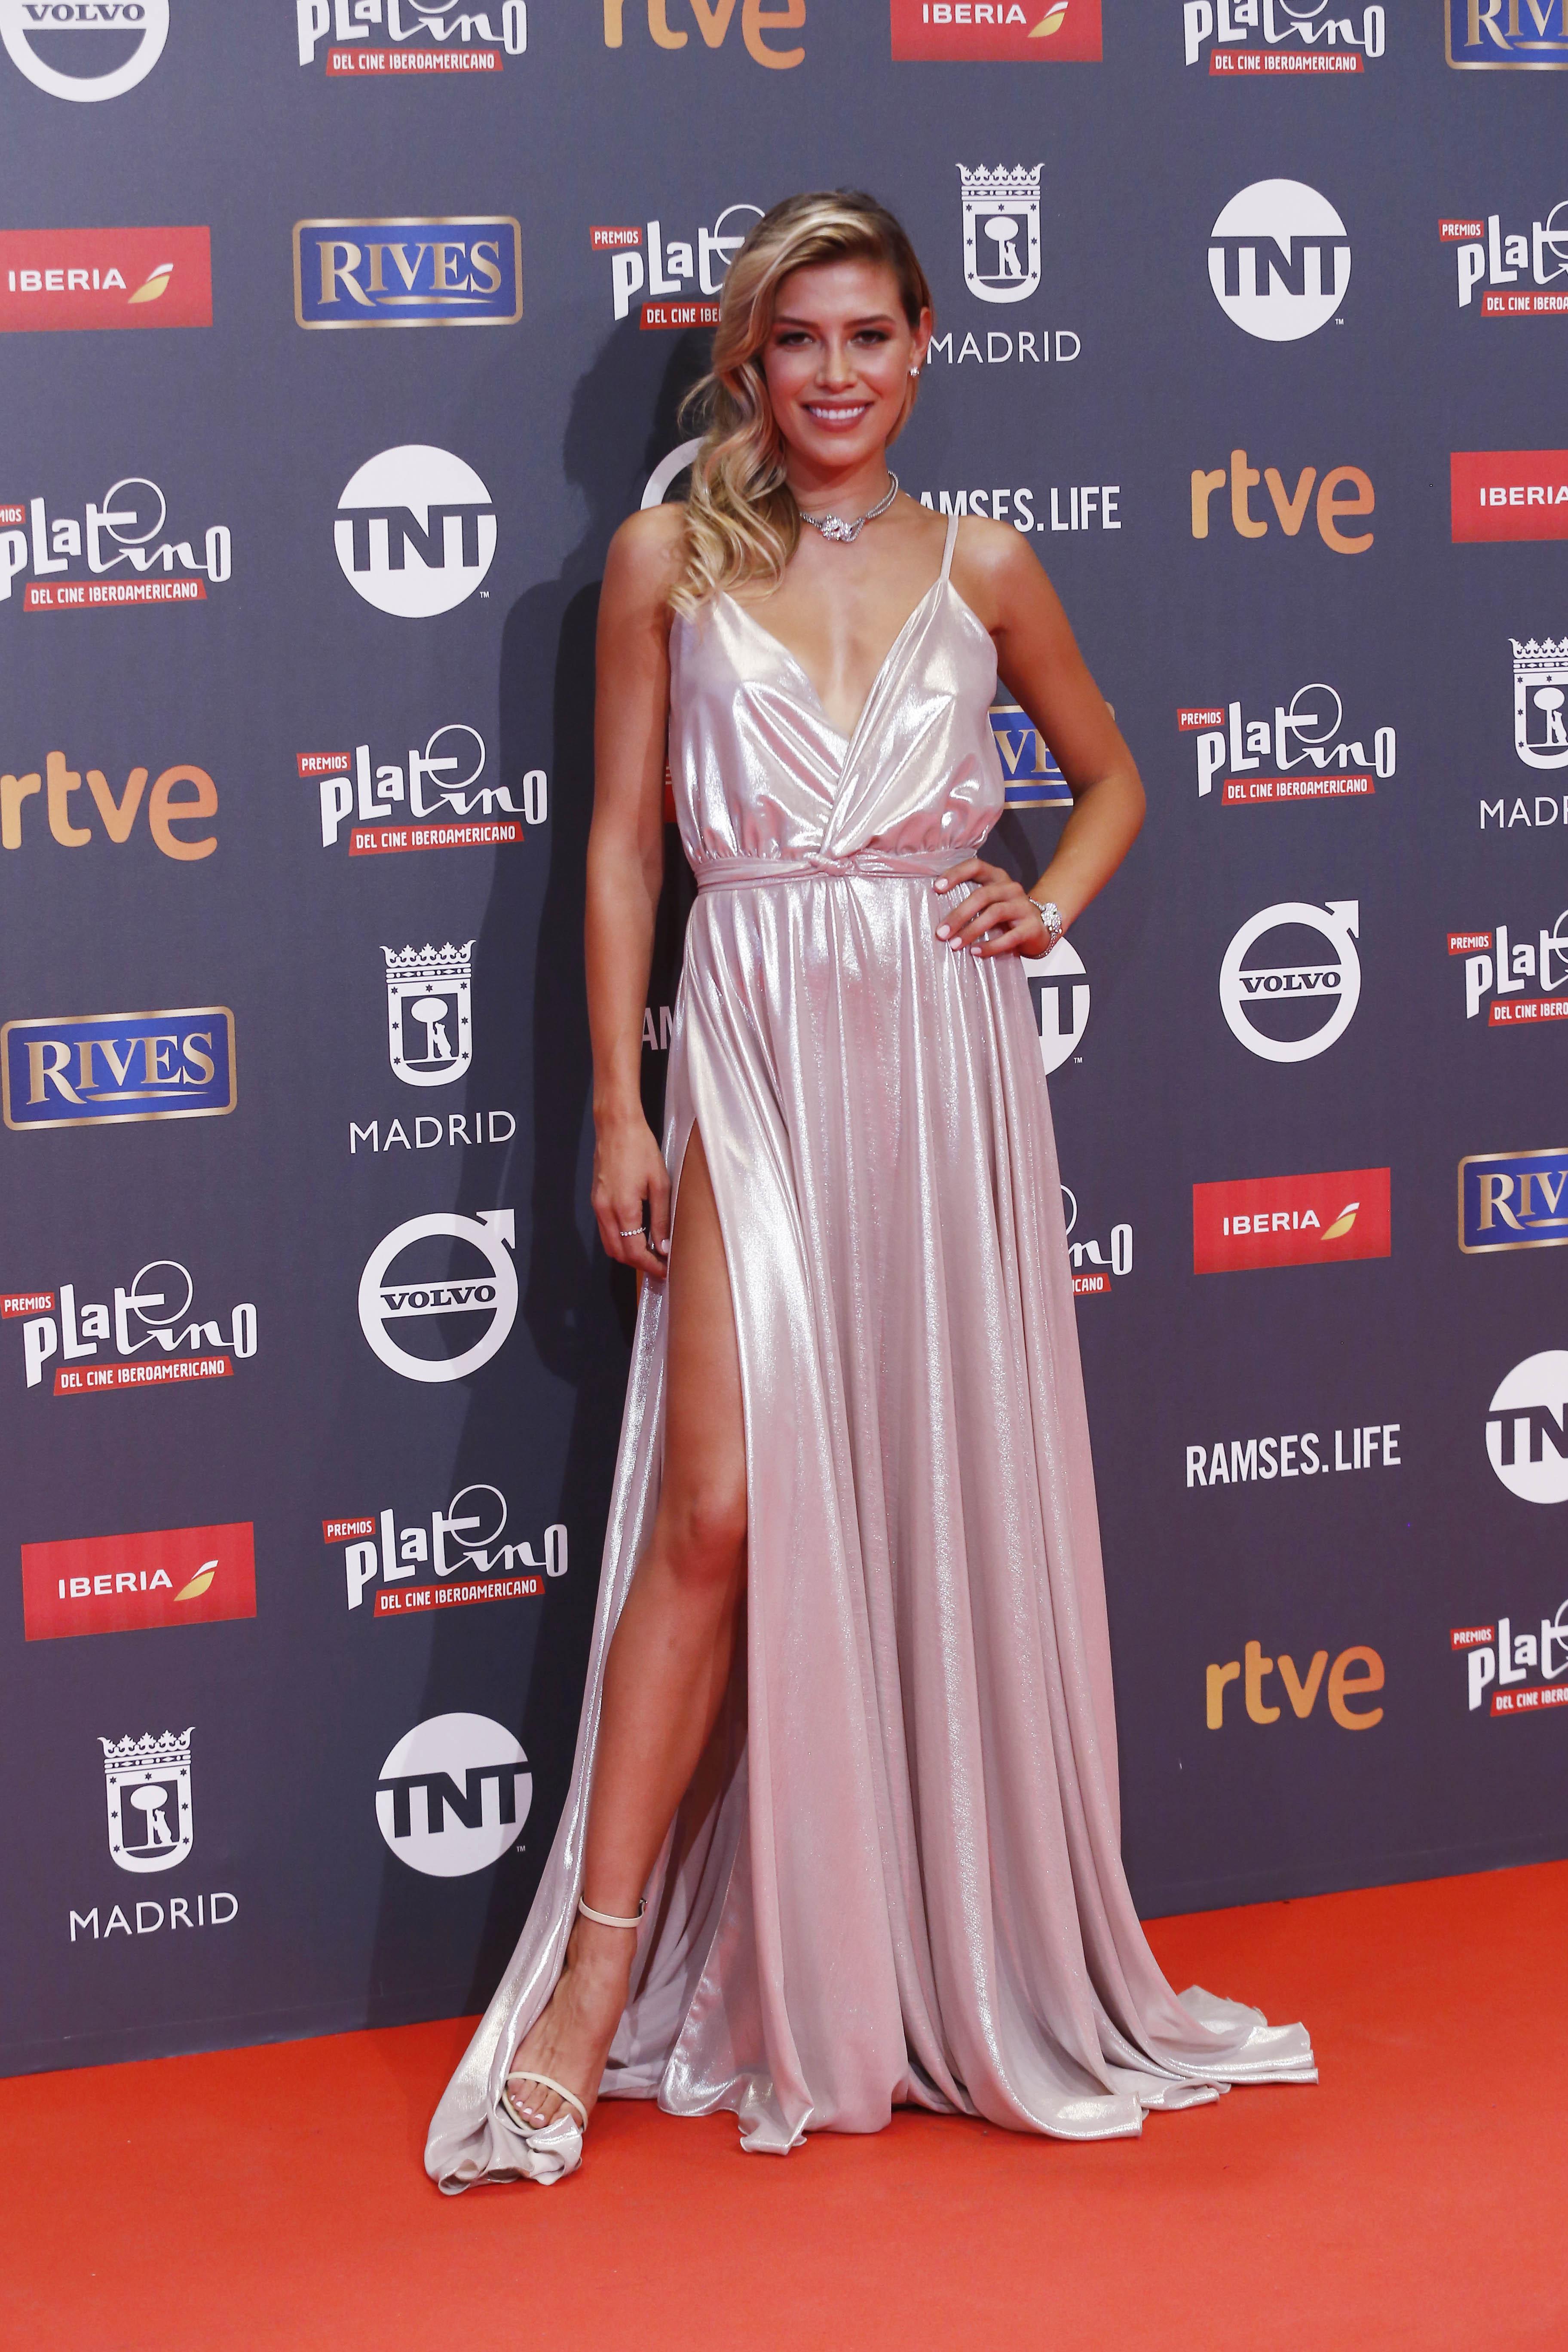 Michelle Salas, looks, moda, estilo, premios platino